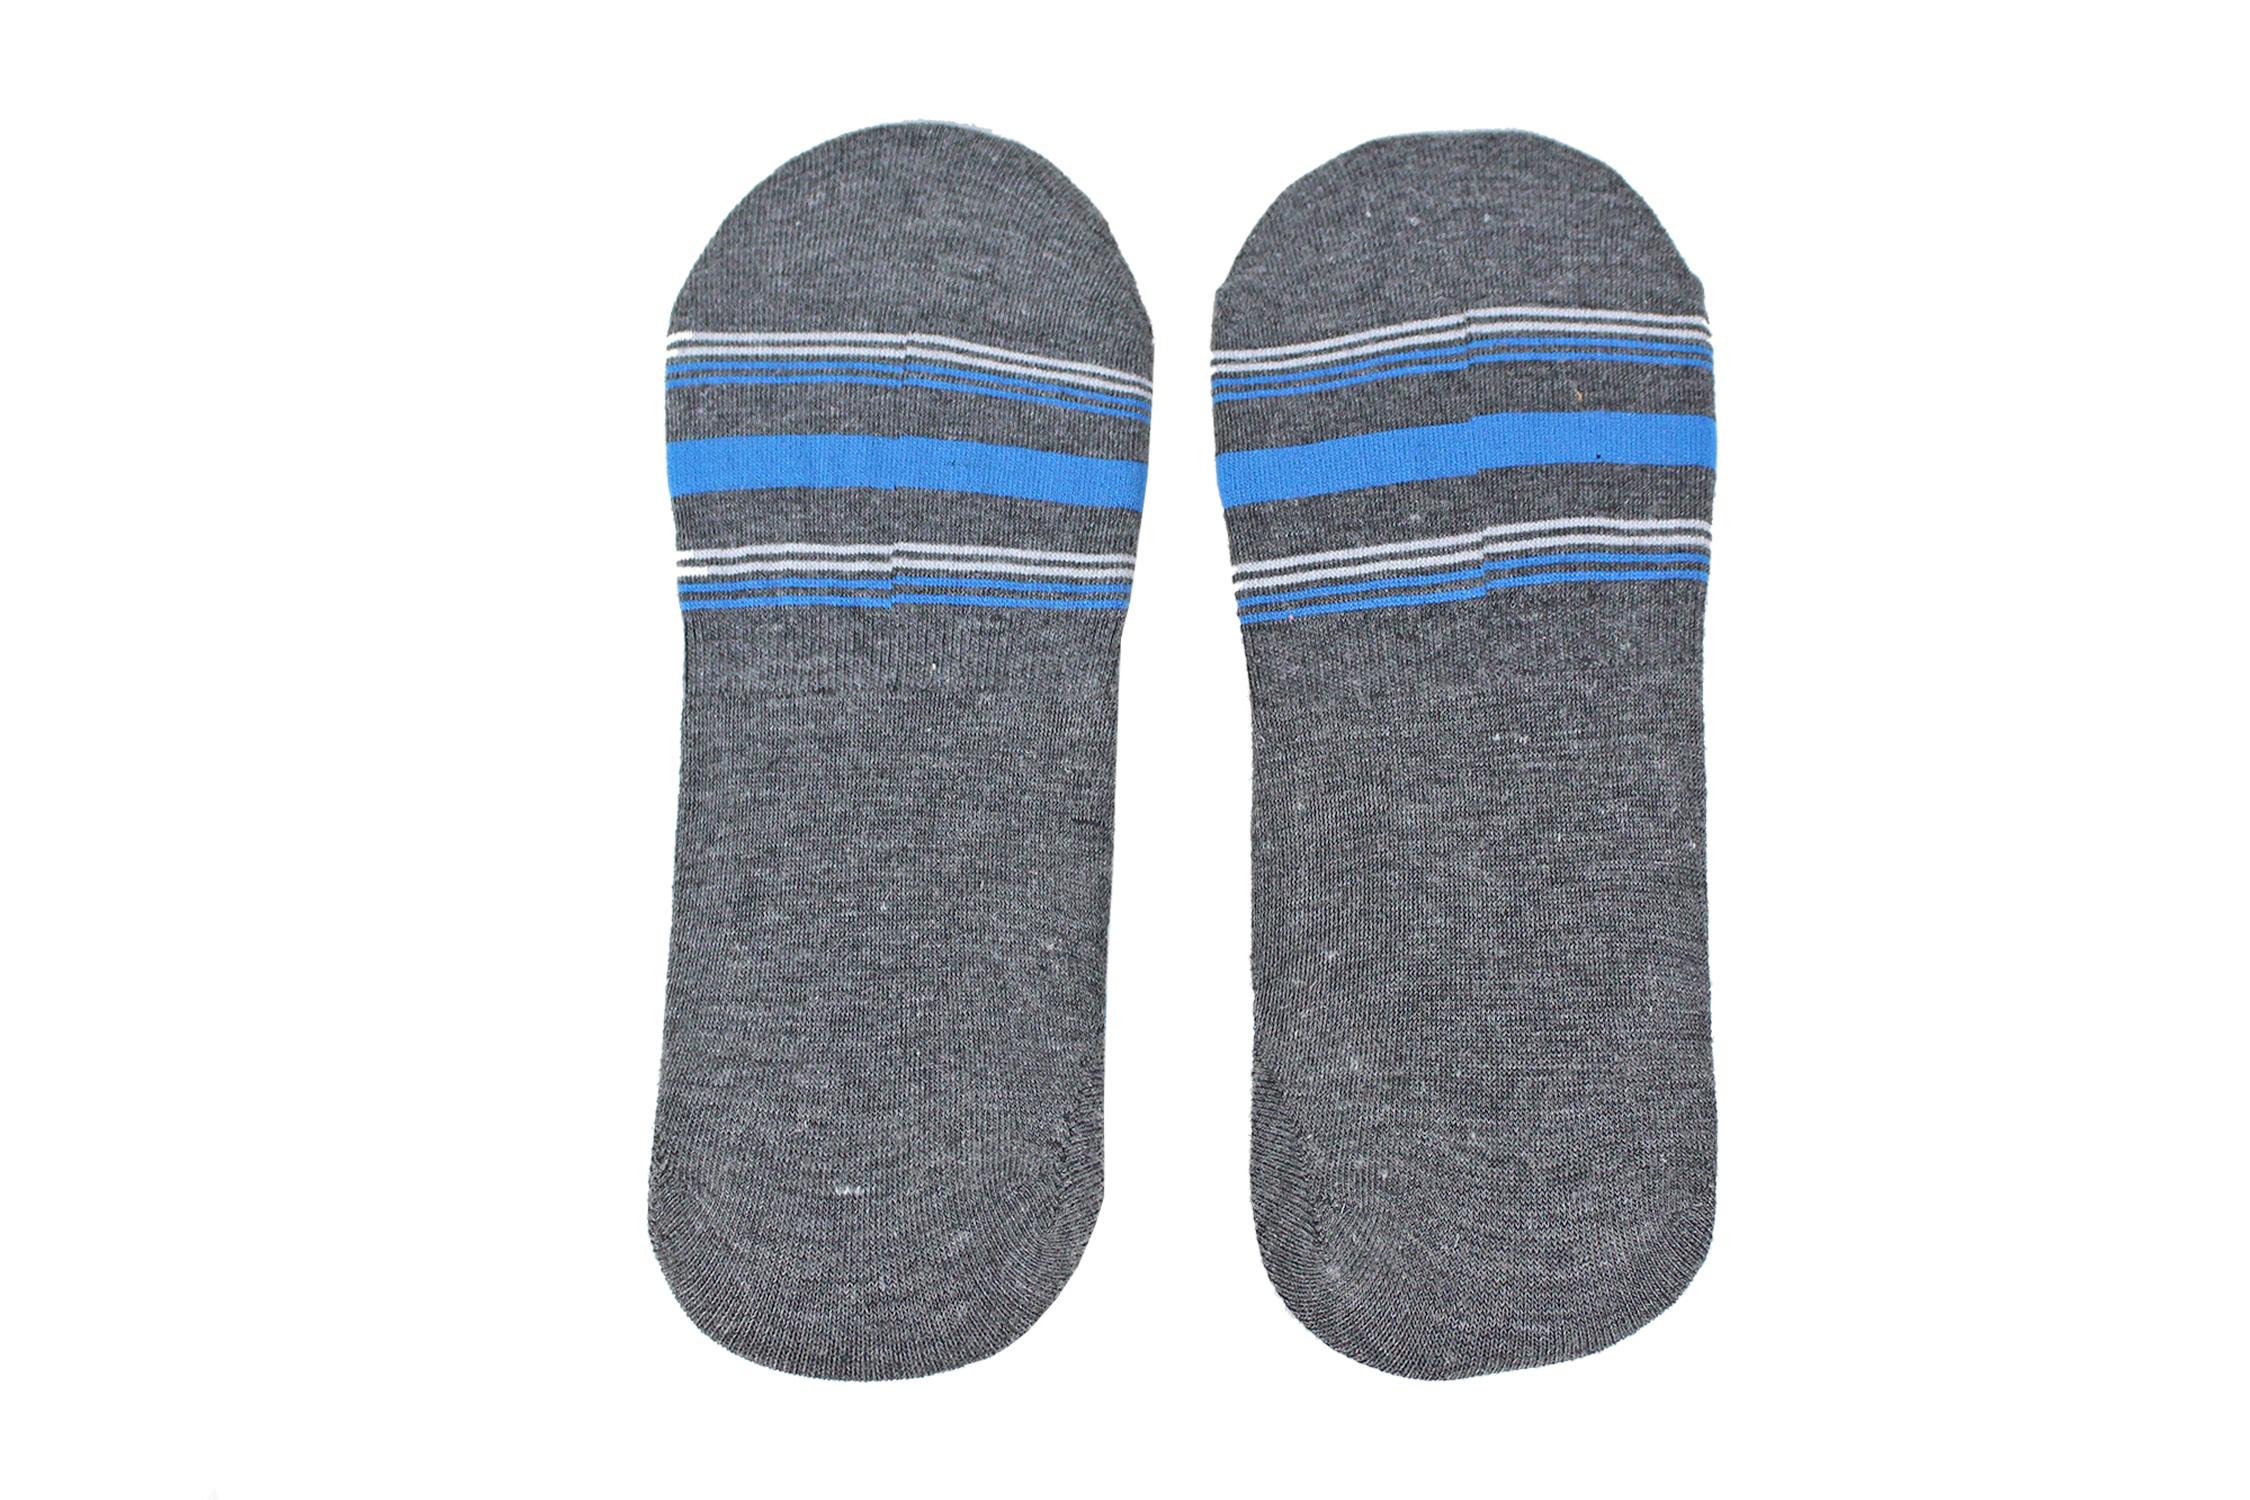 SPERO Men Women Self Design Low Cut cotton socks  pack of 1pair